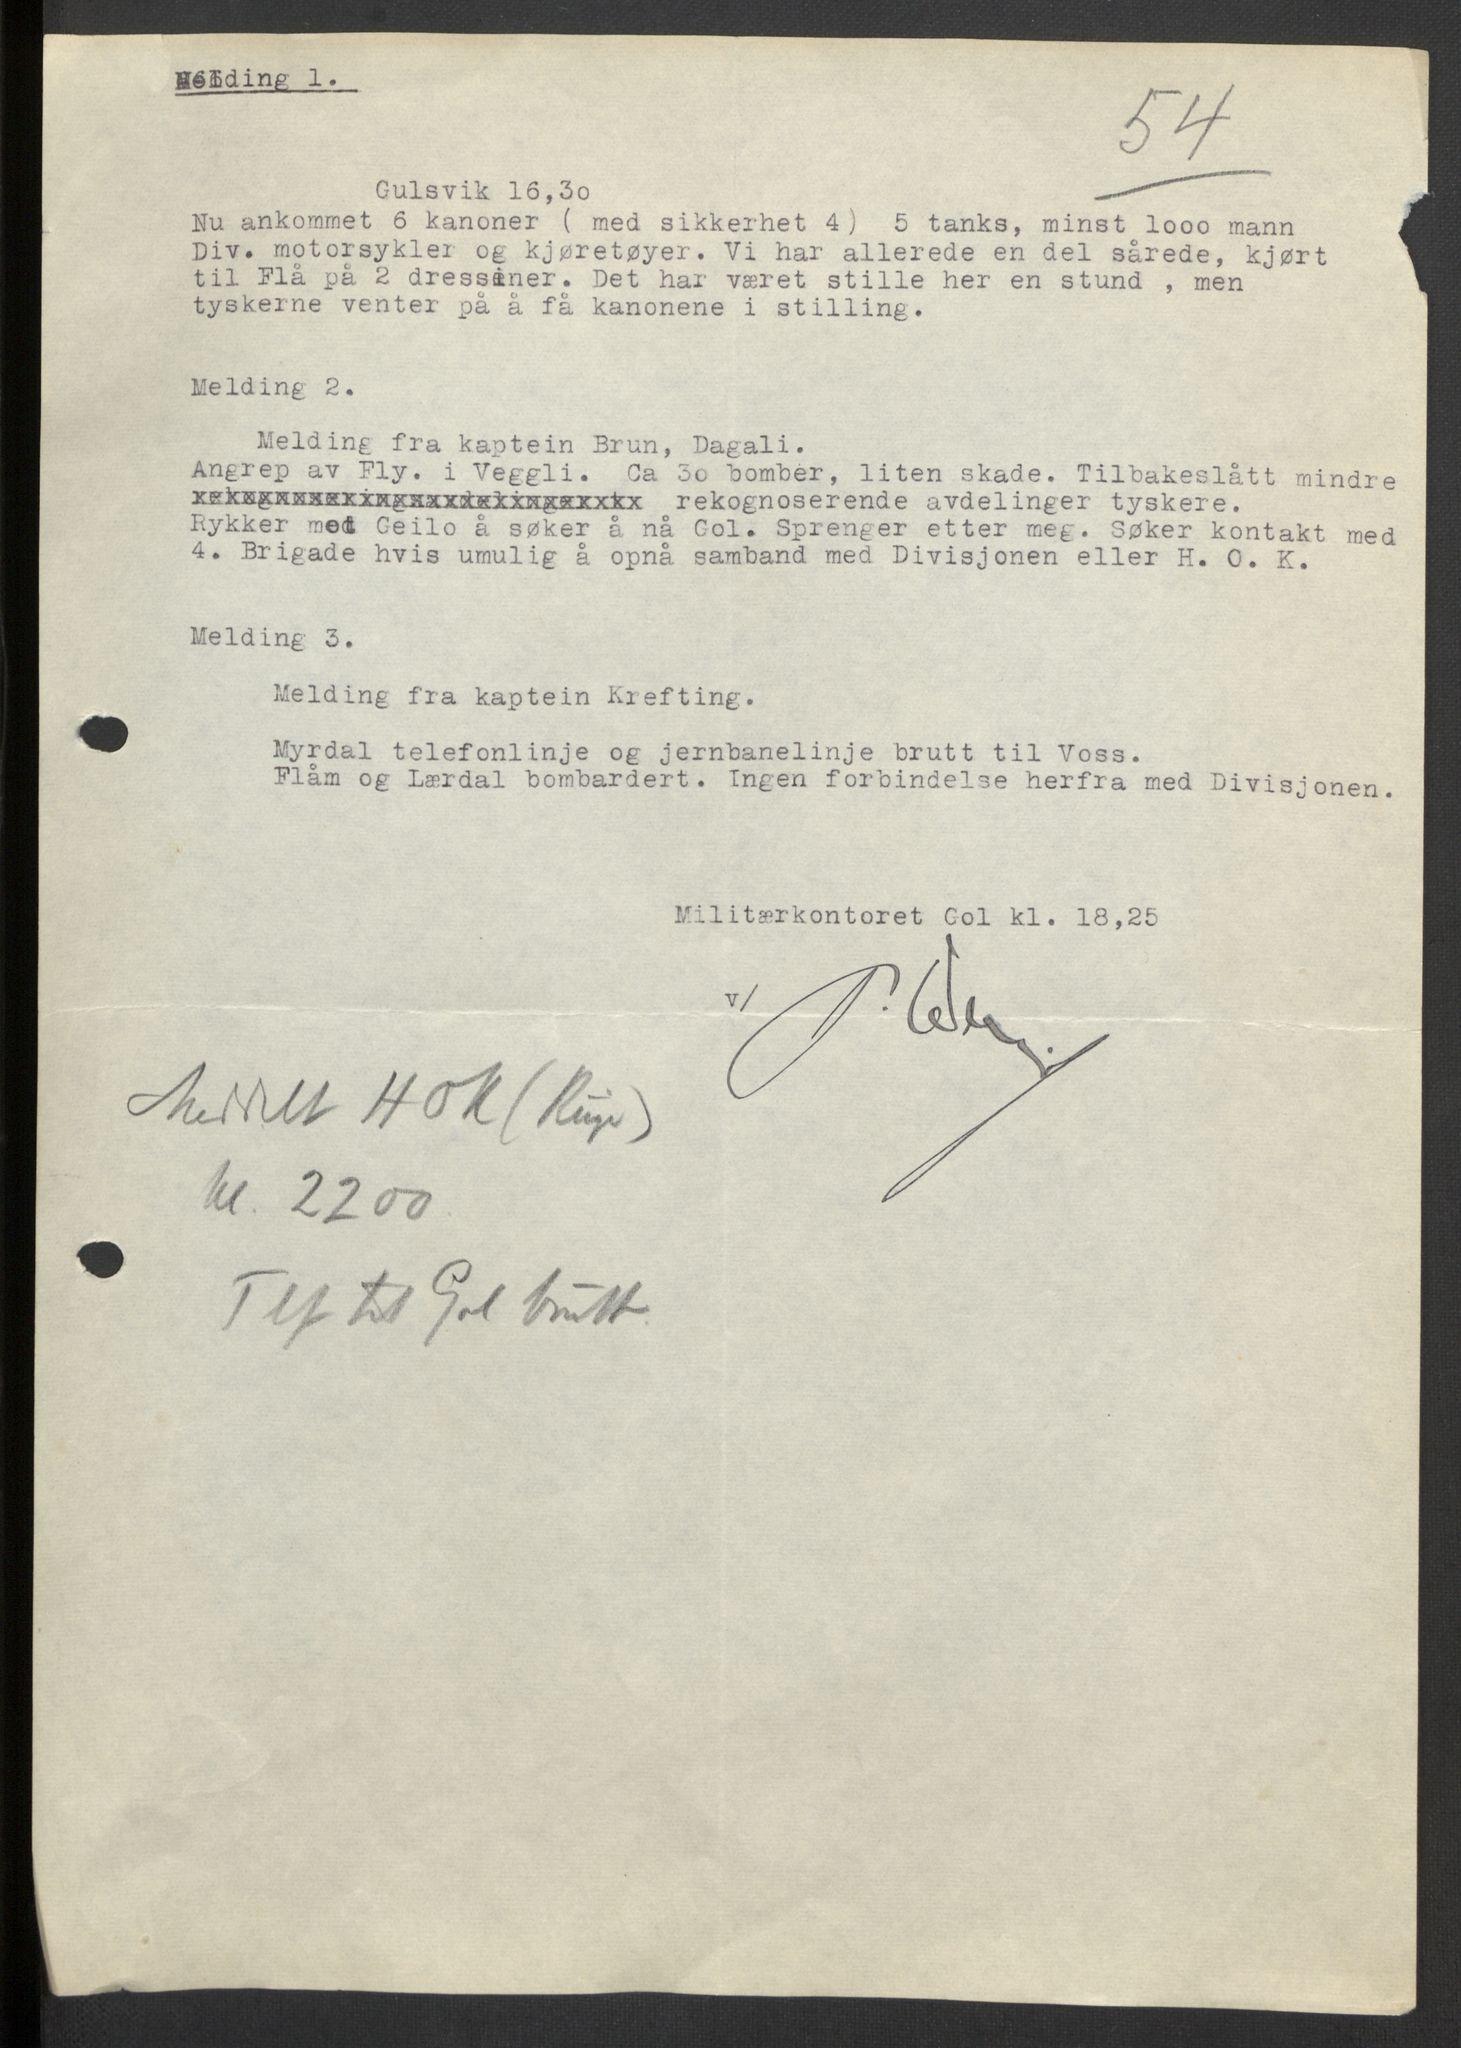 RA, Forsvaret, Forsvarets krigshistoriske avdeling, Y/Yb/L0104: II-C-11-430  -  4. Divisjon., 1940, p. 221